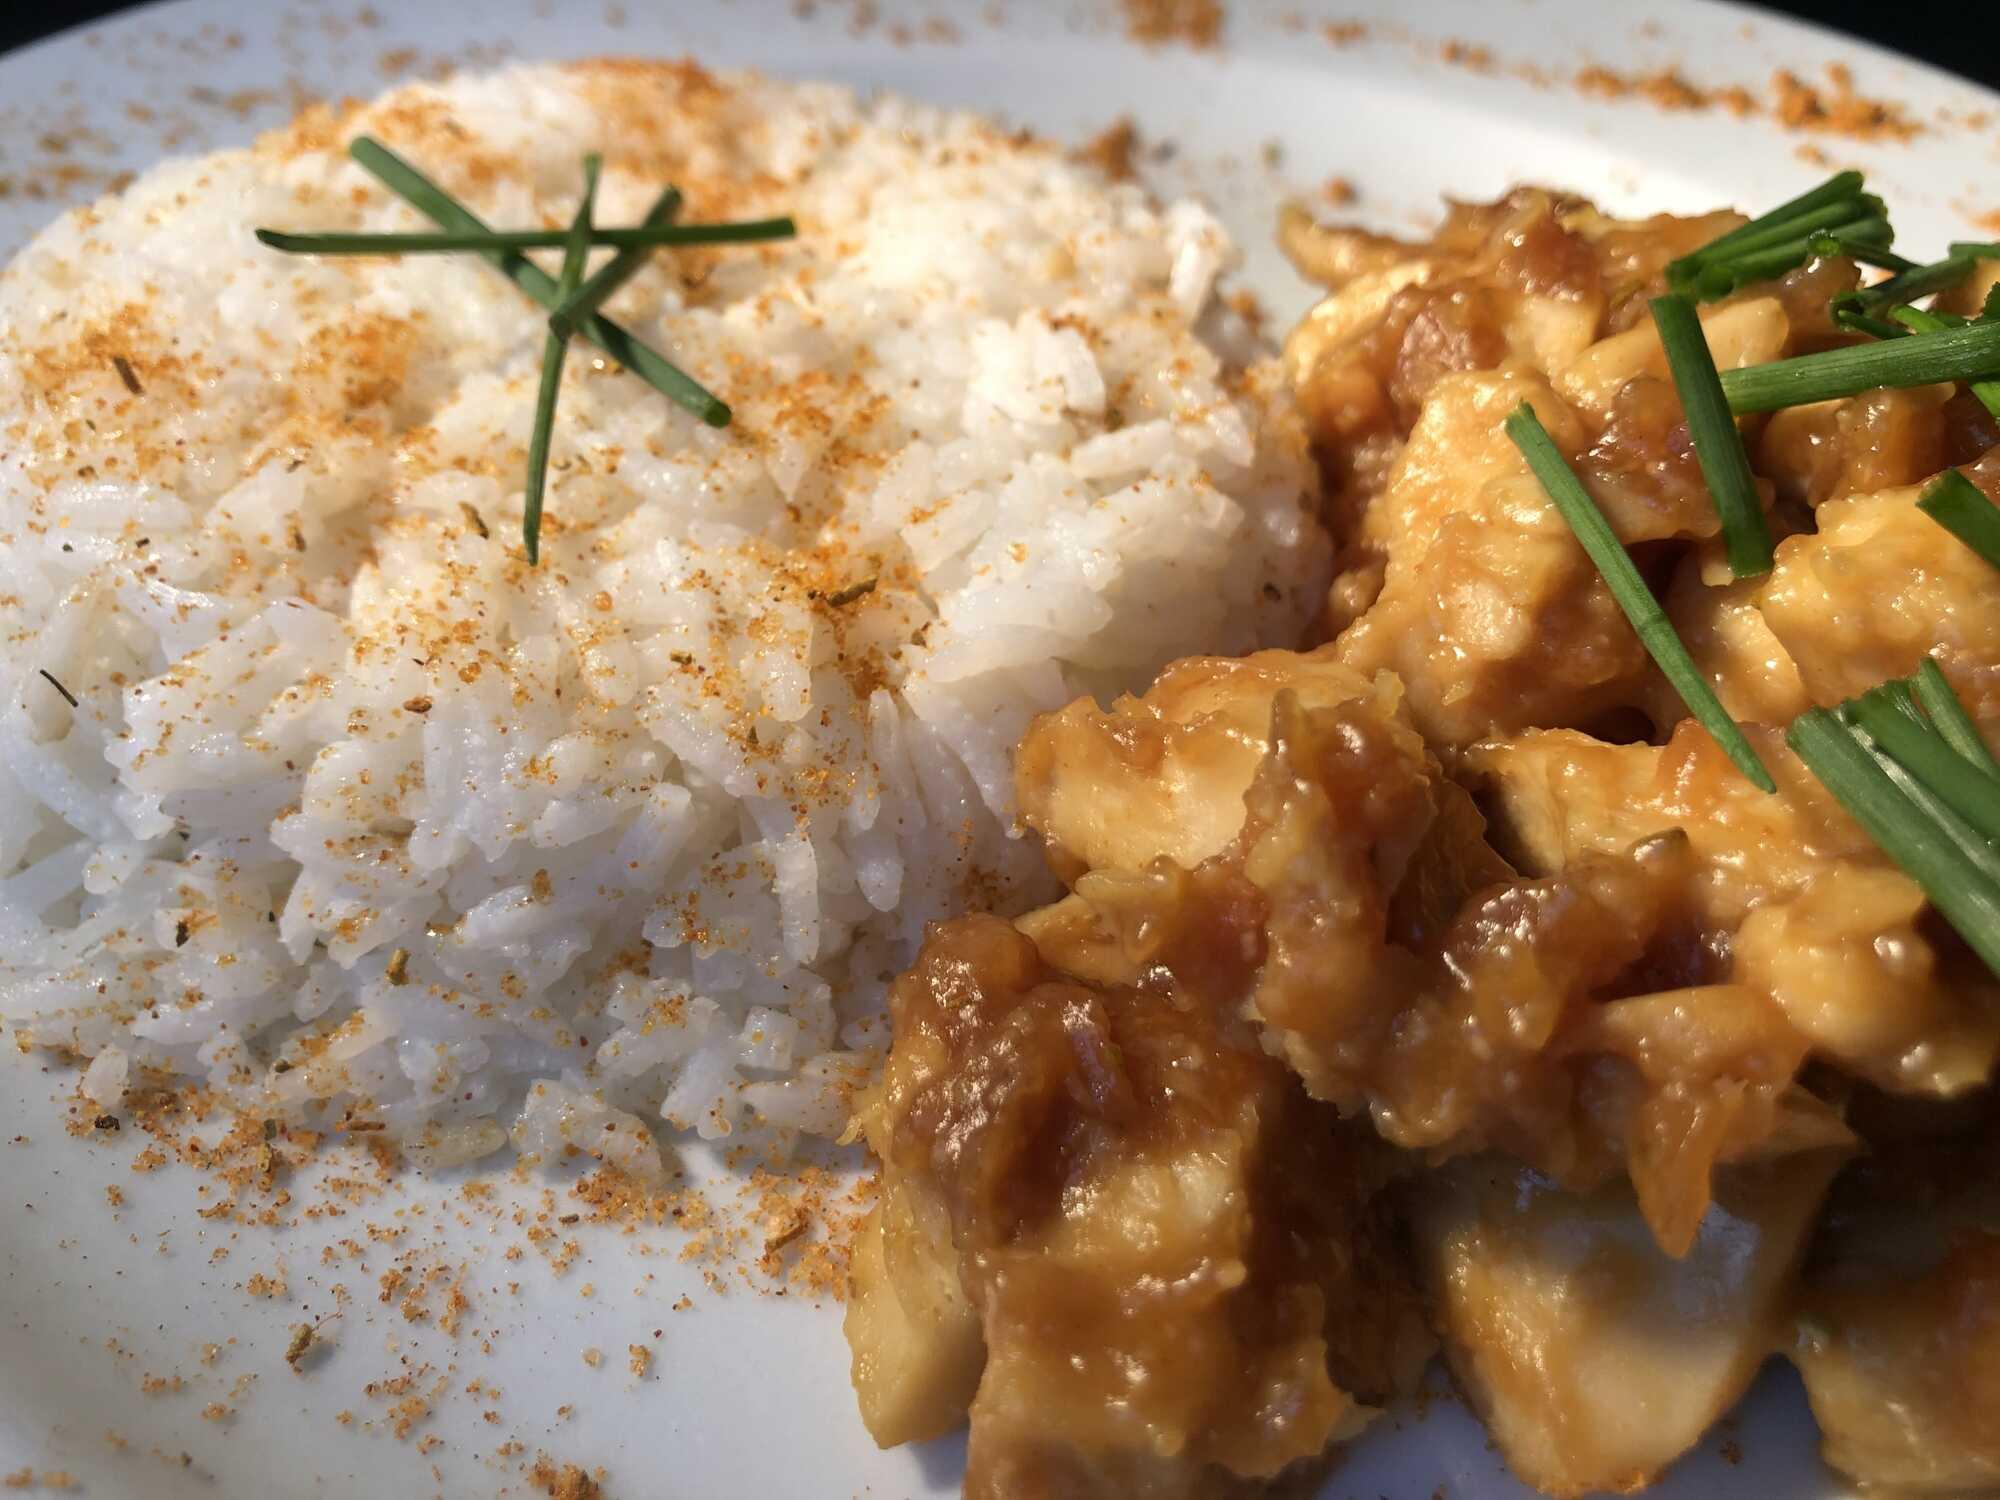 Dans un large plat de couleur blanc, on retrouve d'un côté le riz d'accompagnement et de l'autre le soja. Le tout est parsemé de ciboulette émincée.